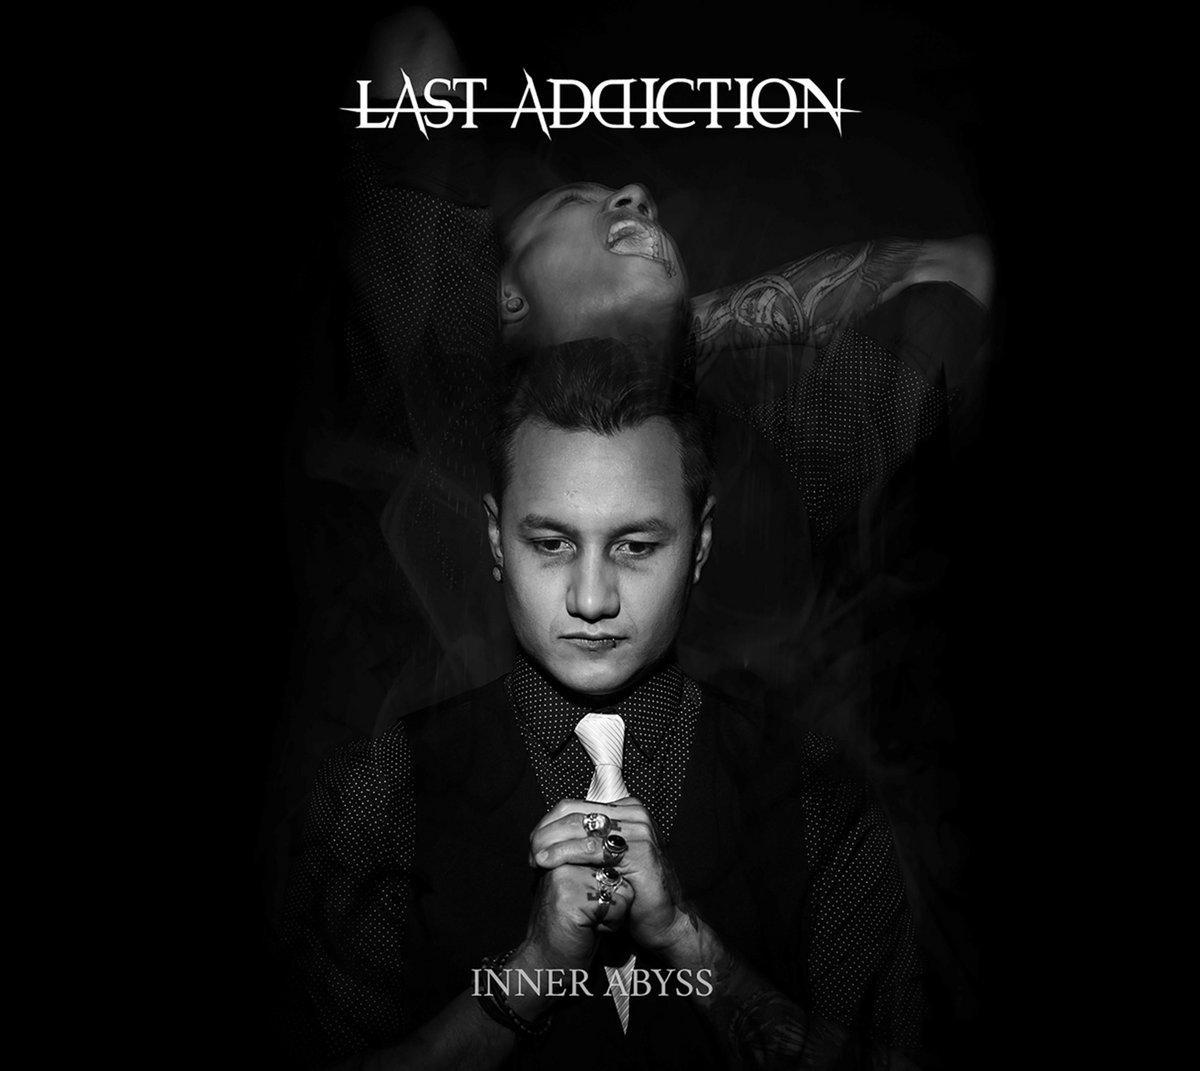 Chronique d'album : LAST ADDICTION (Metal),